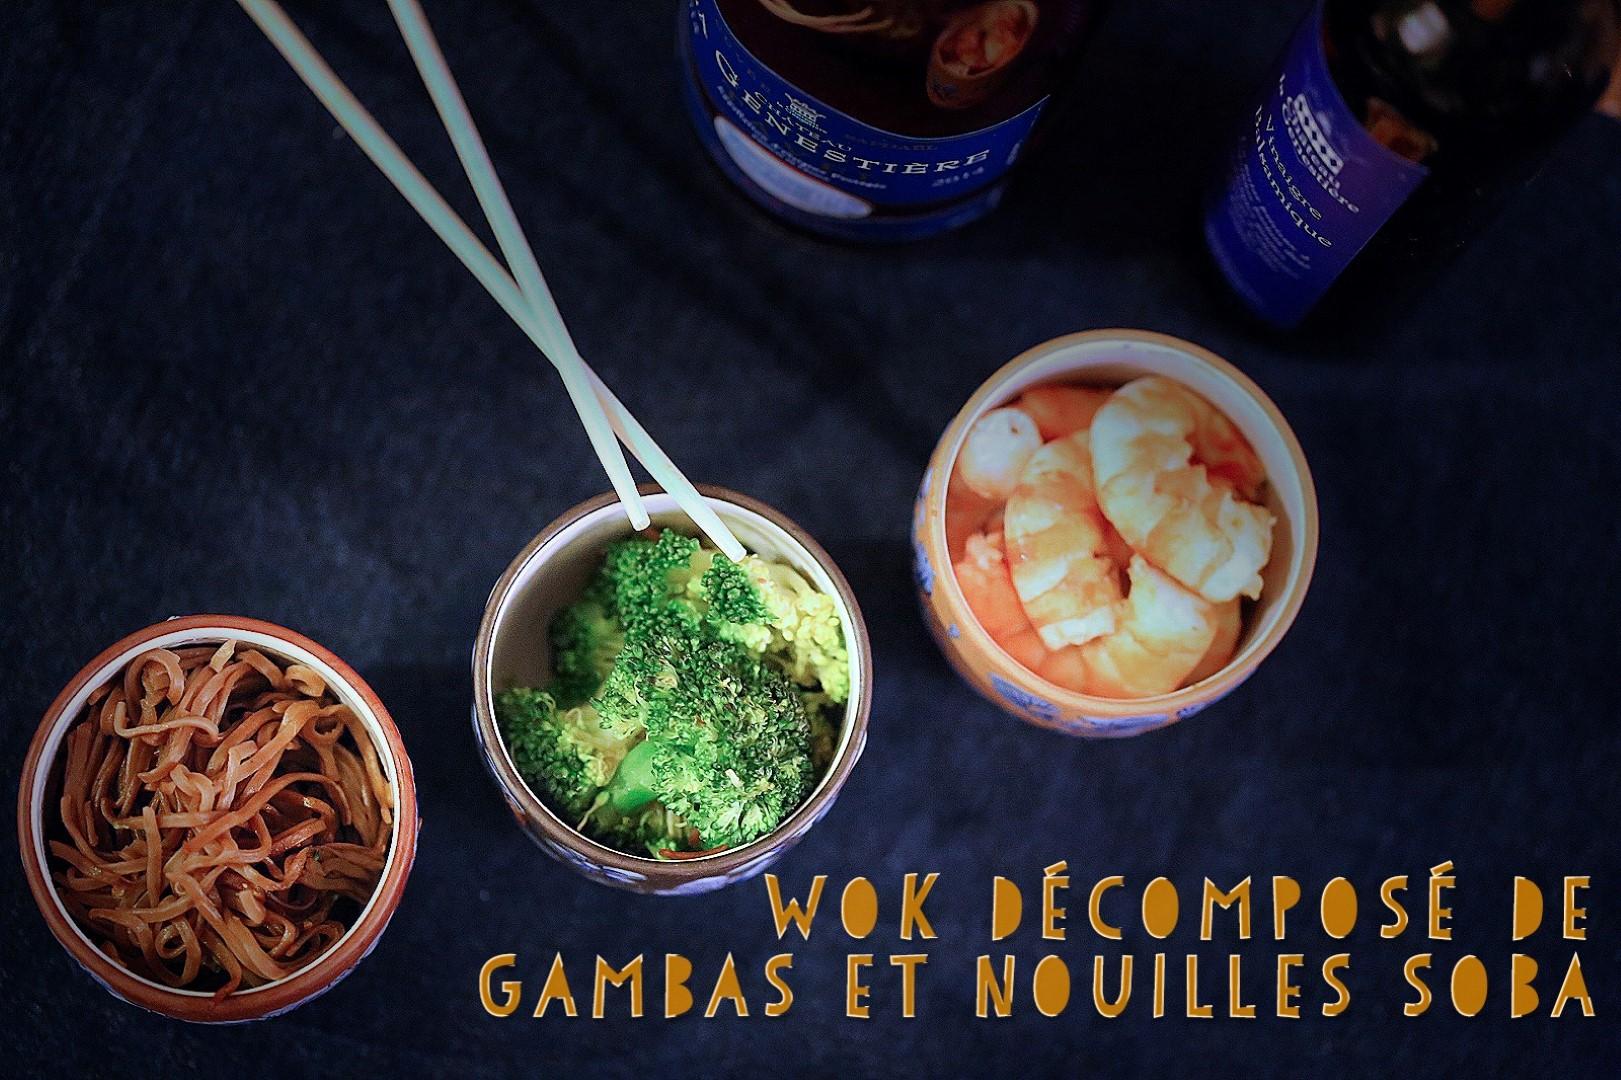 Trilogie asiatique de gambas, brocoli et nouilles soba